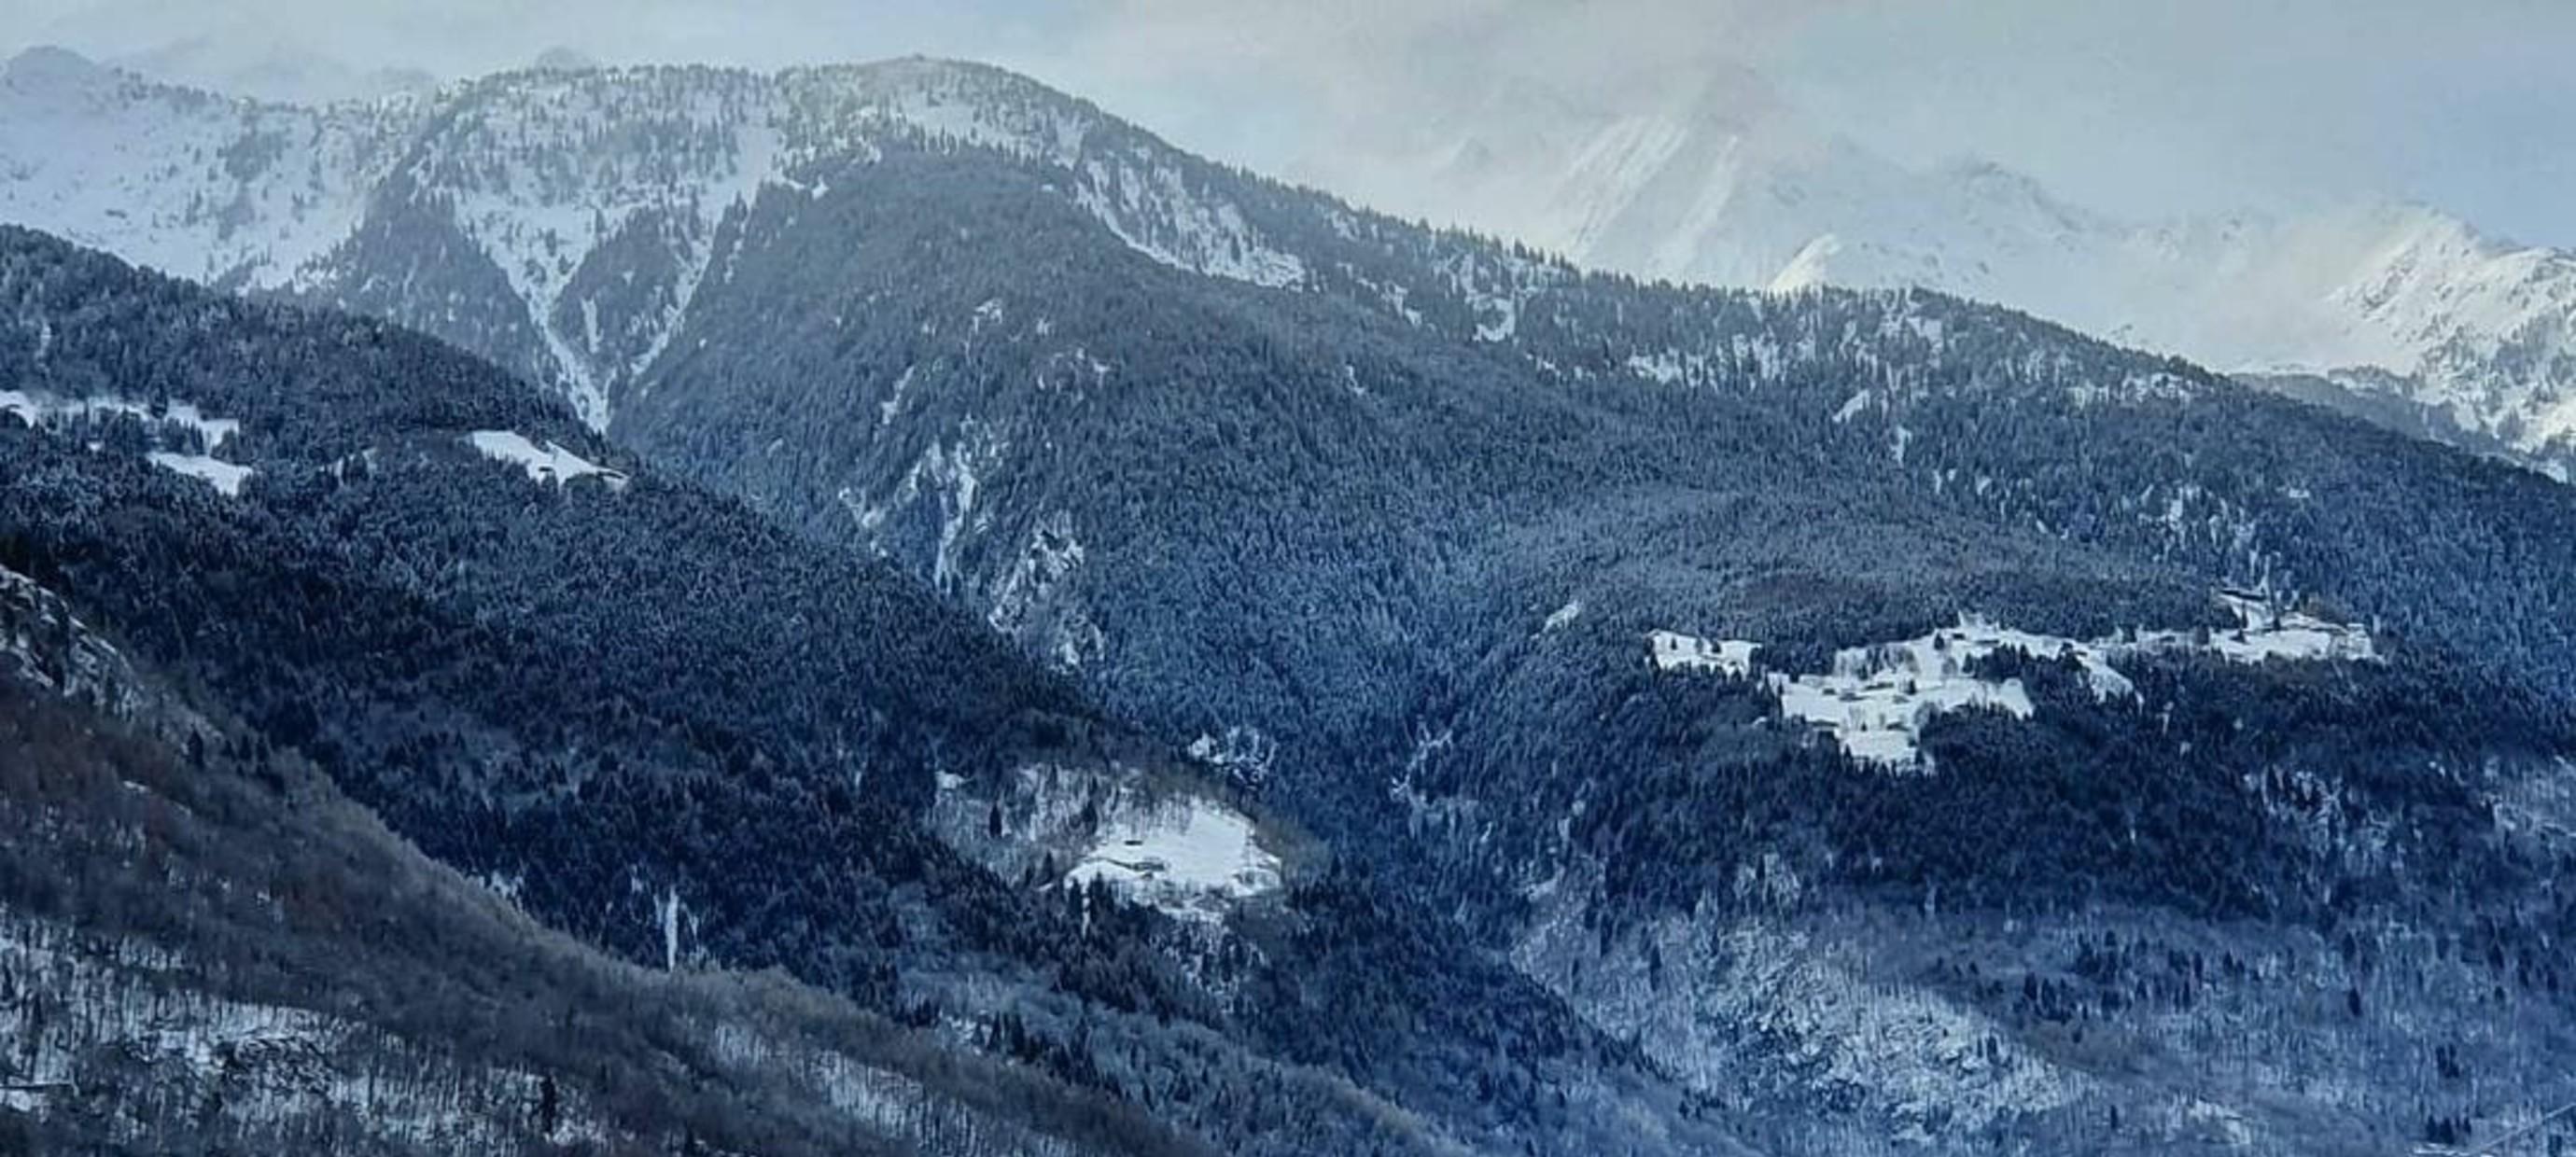 Nebbiolo wijnen uit de Alpen: Valtellina!